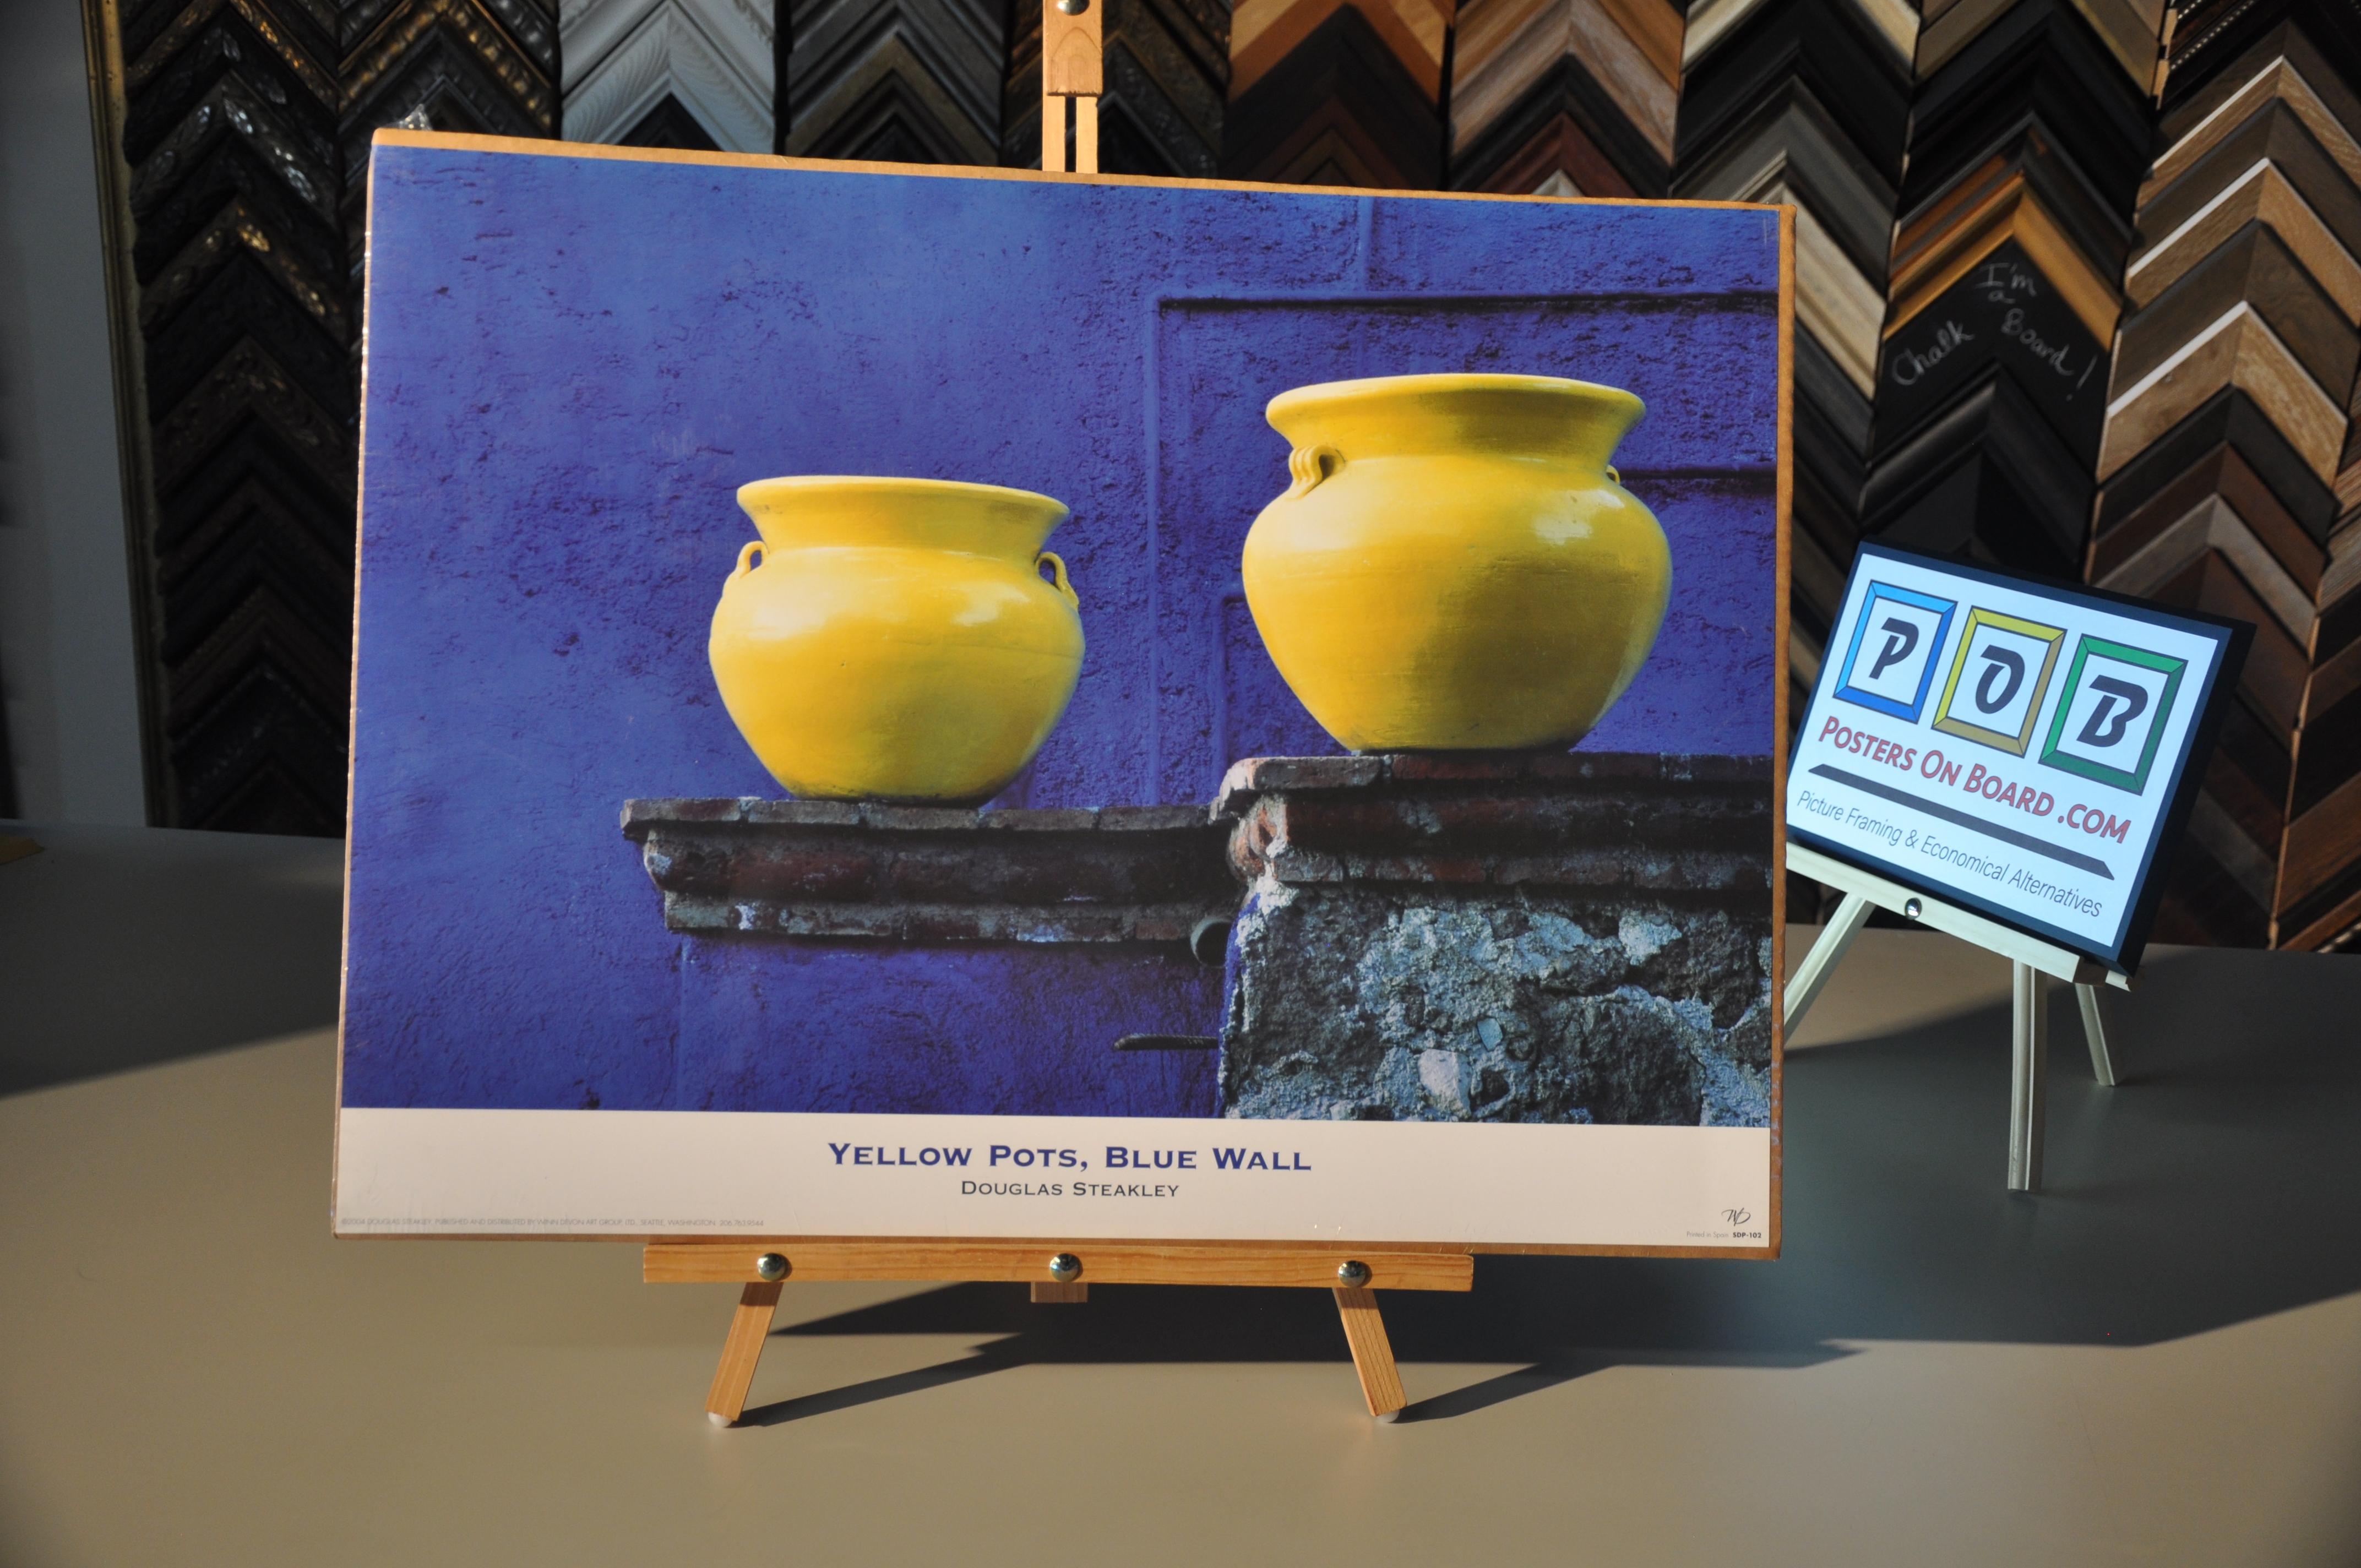 PostersOnBoard.com, Exteriors, Etc.